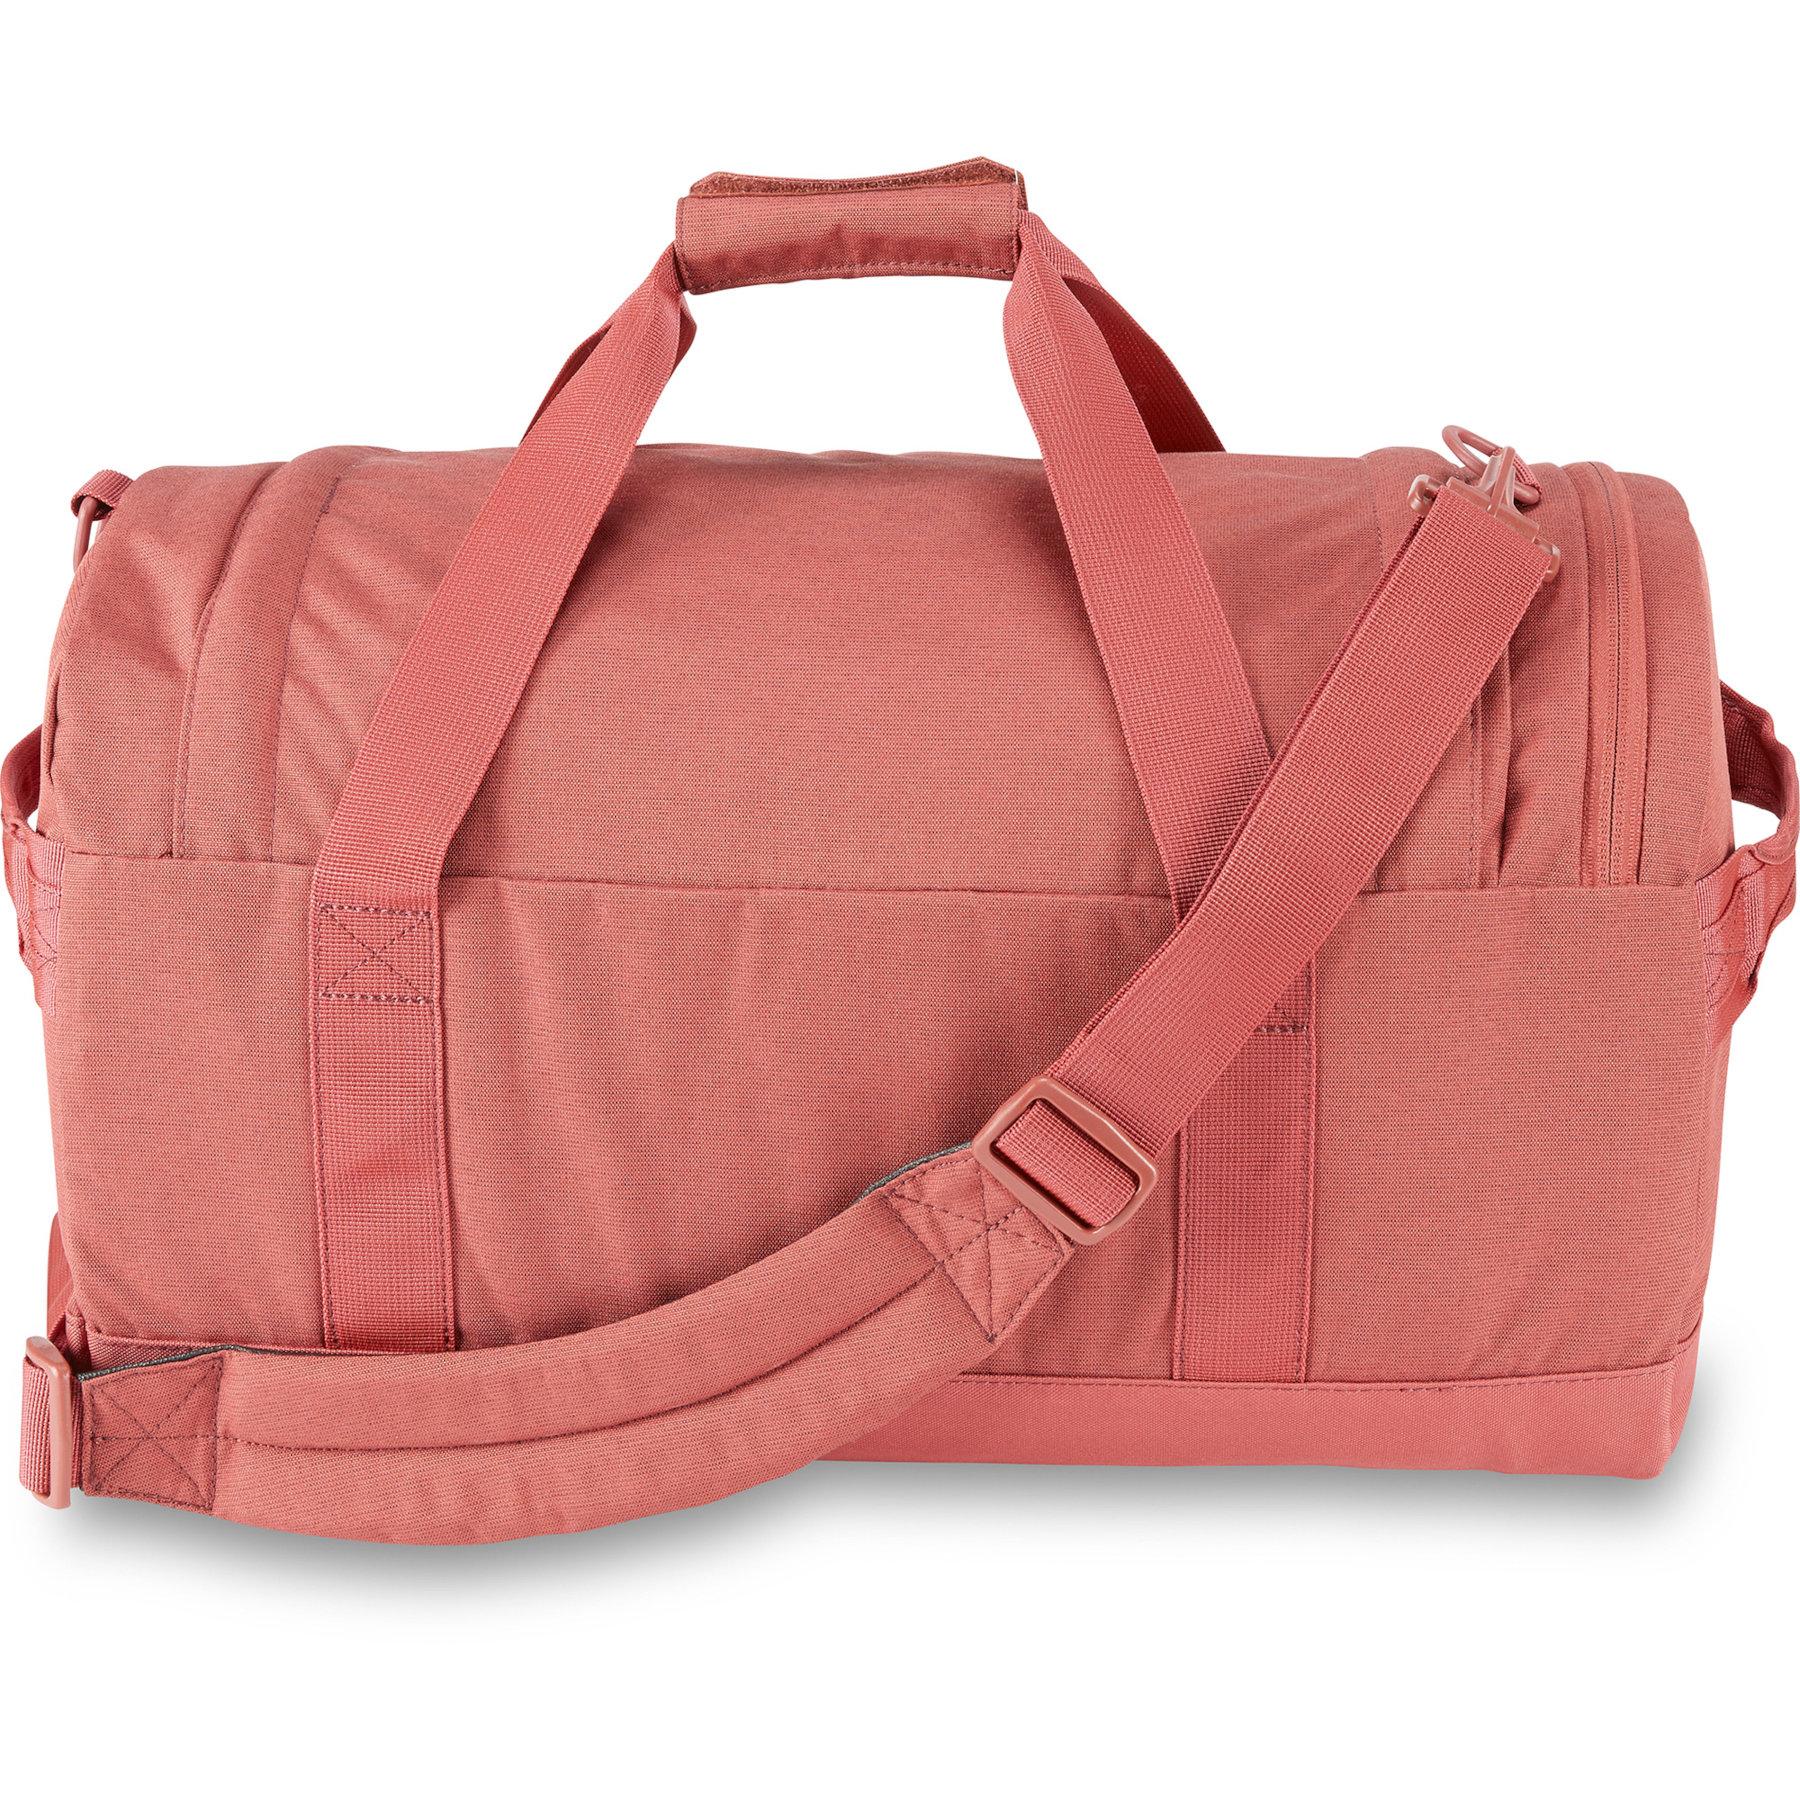 Image of Dakine EQ Duffle 35L Bag - Dark Rose